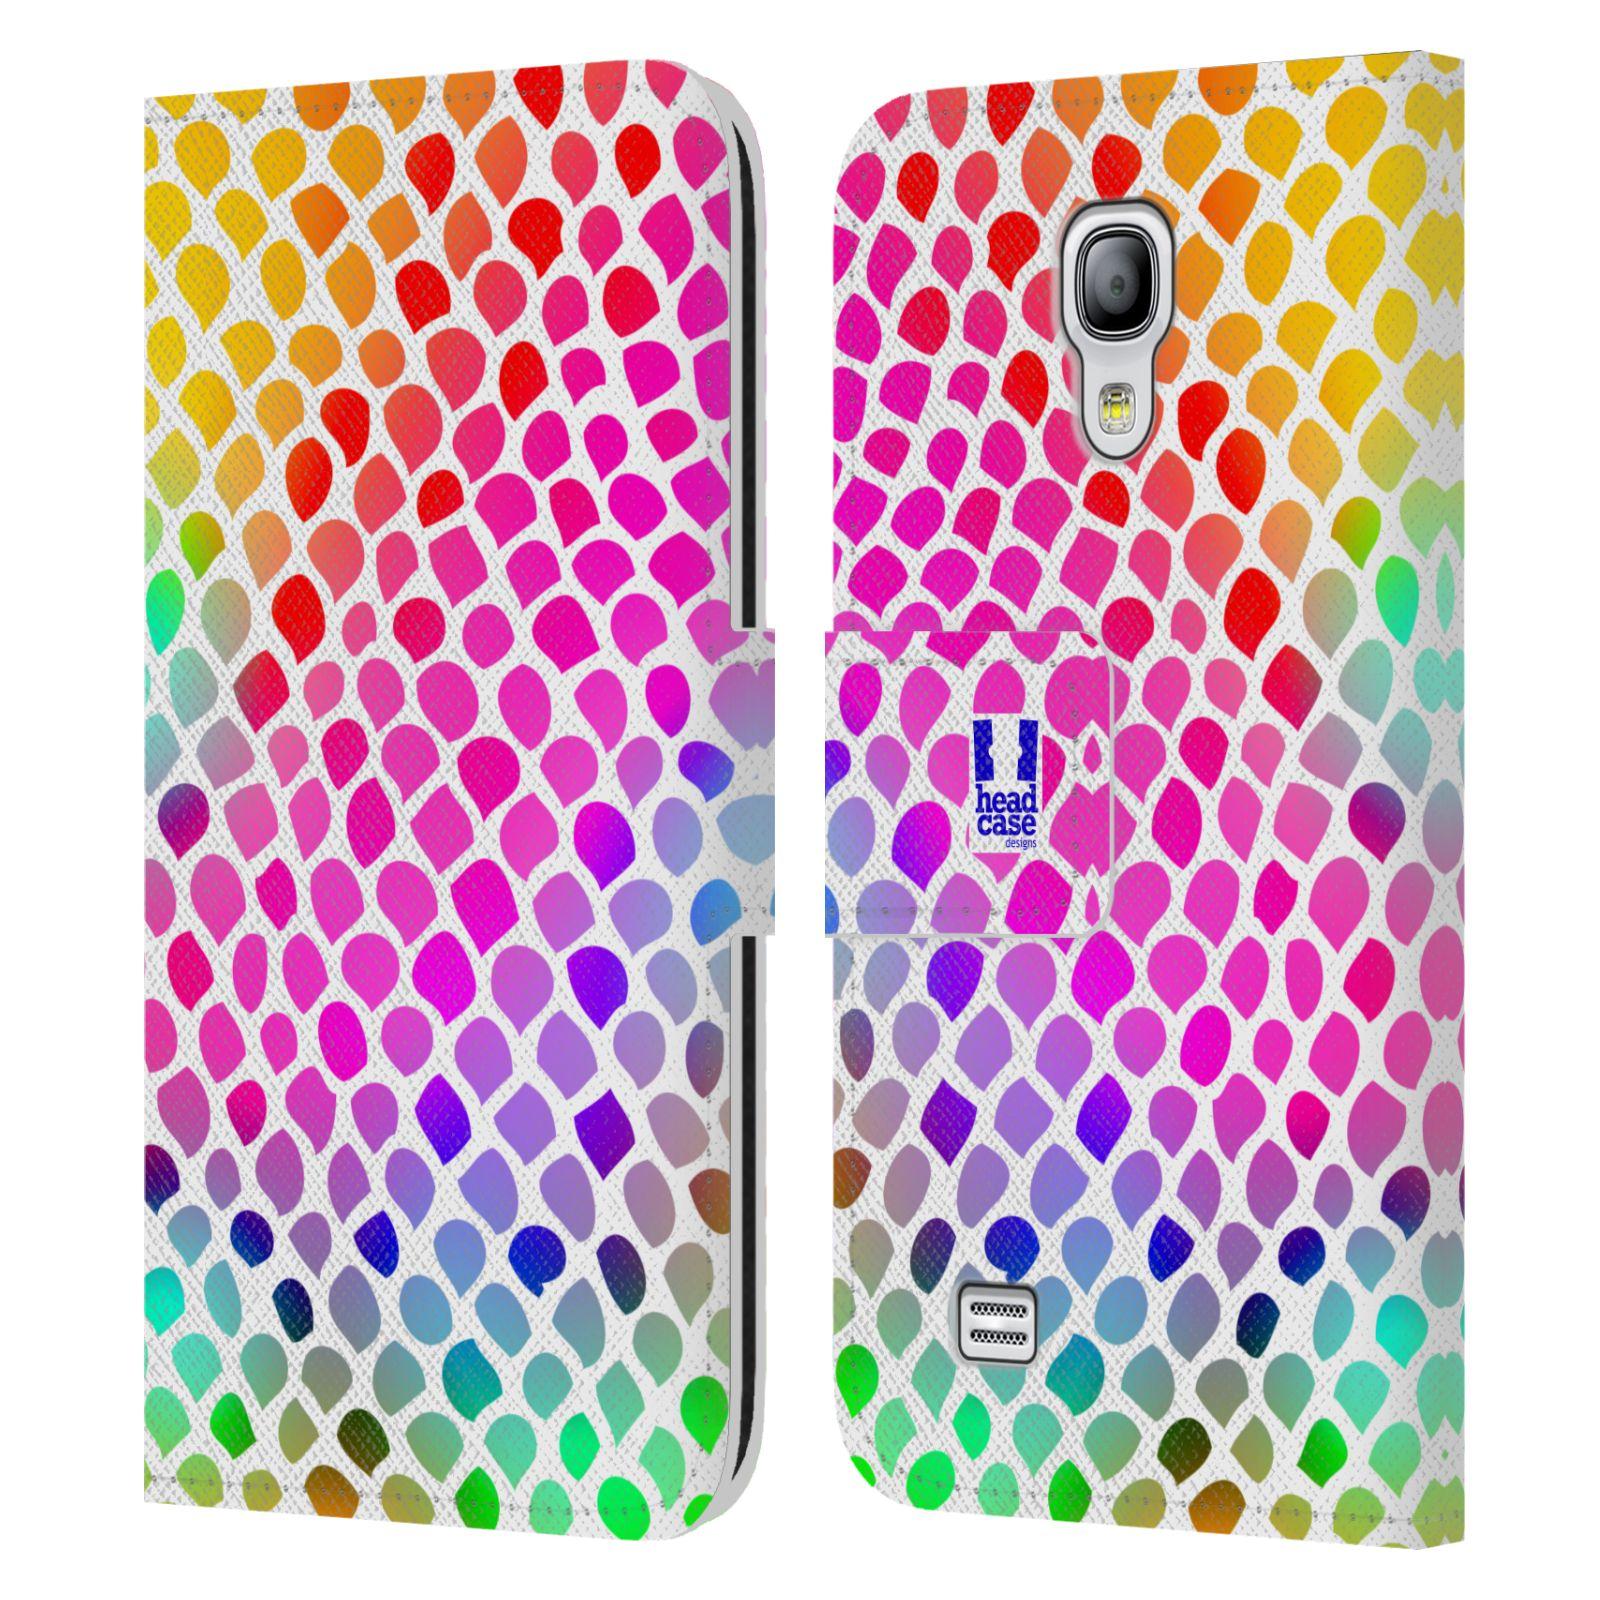 HEAD CASE Flipové pouzdro pro mobil Samsung Galaxy S4 MINI / S4 MINI DUOS Zvířecí barevné vzory duhový had